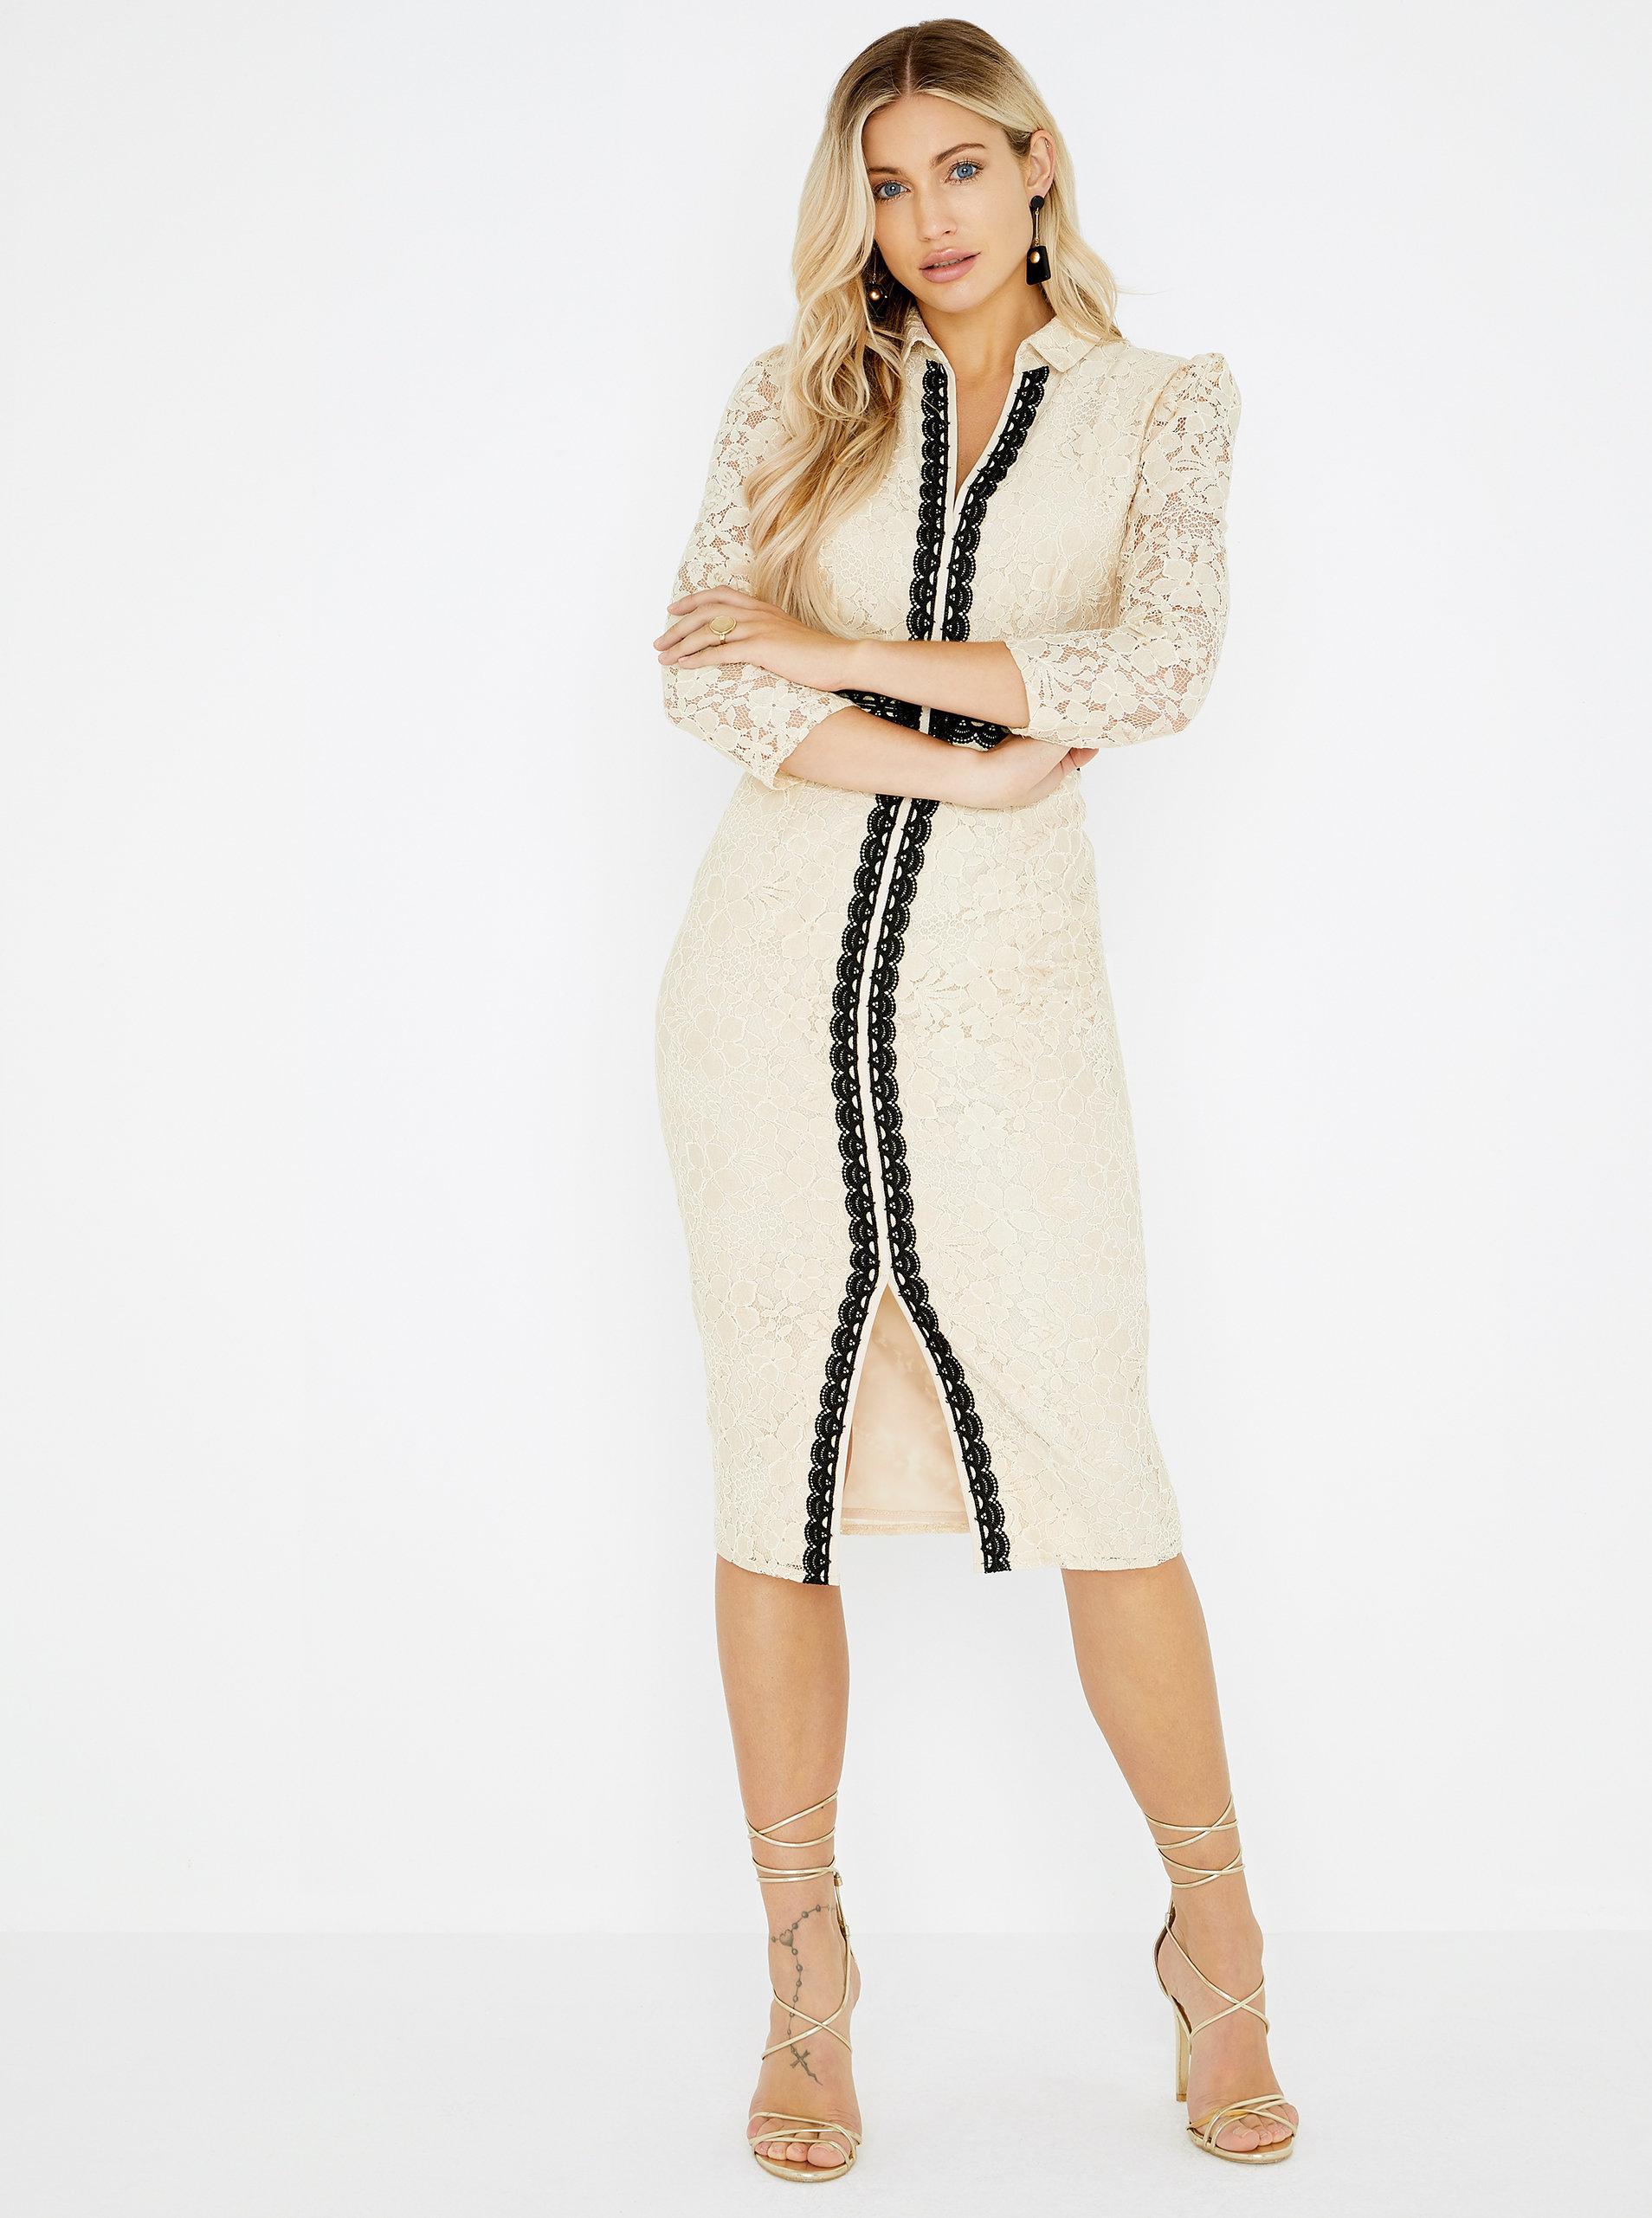 Béžové čipkované šaty Little Mistress ... 336849cd254